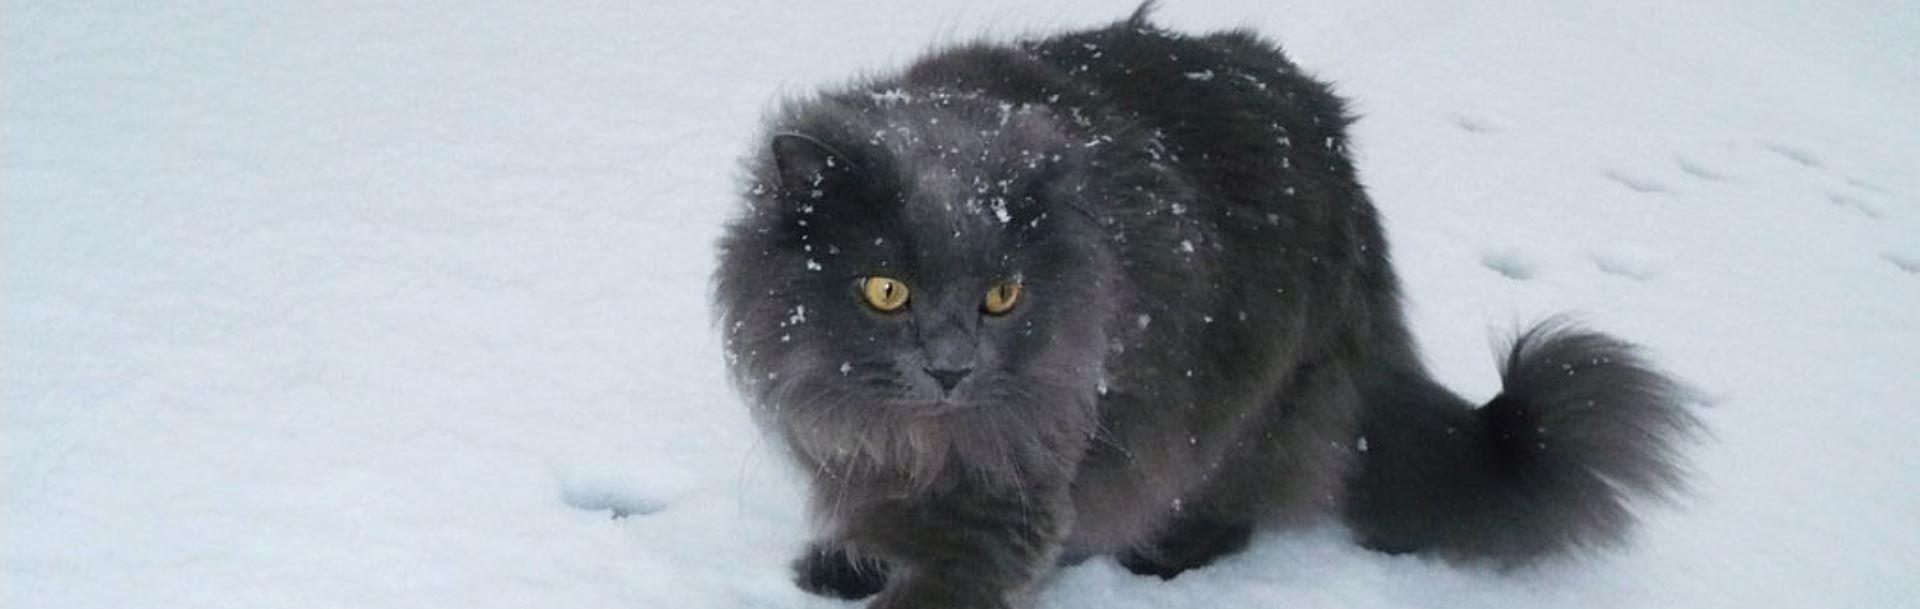 Pisica din rasa Chantilly (sau Tifanny) – caracteristici, îngrijire şi sănătate